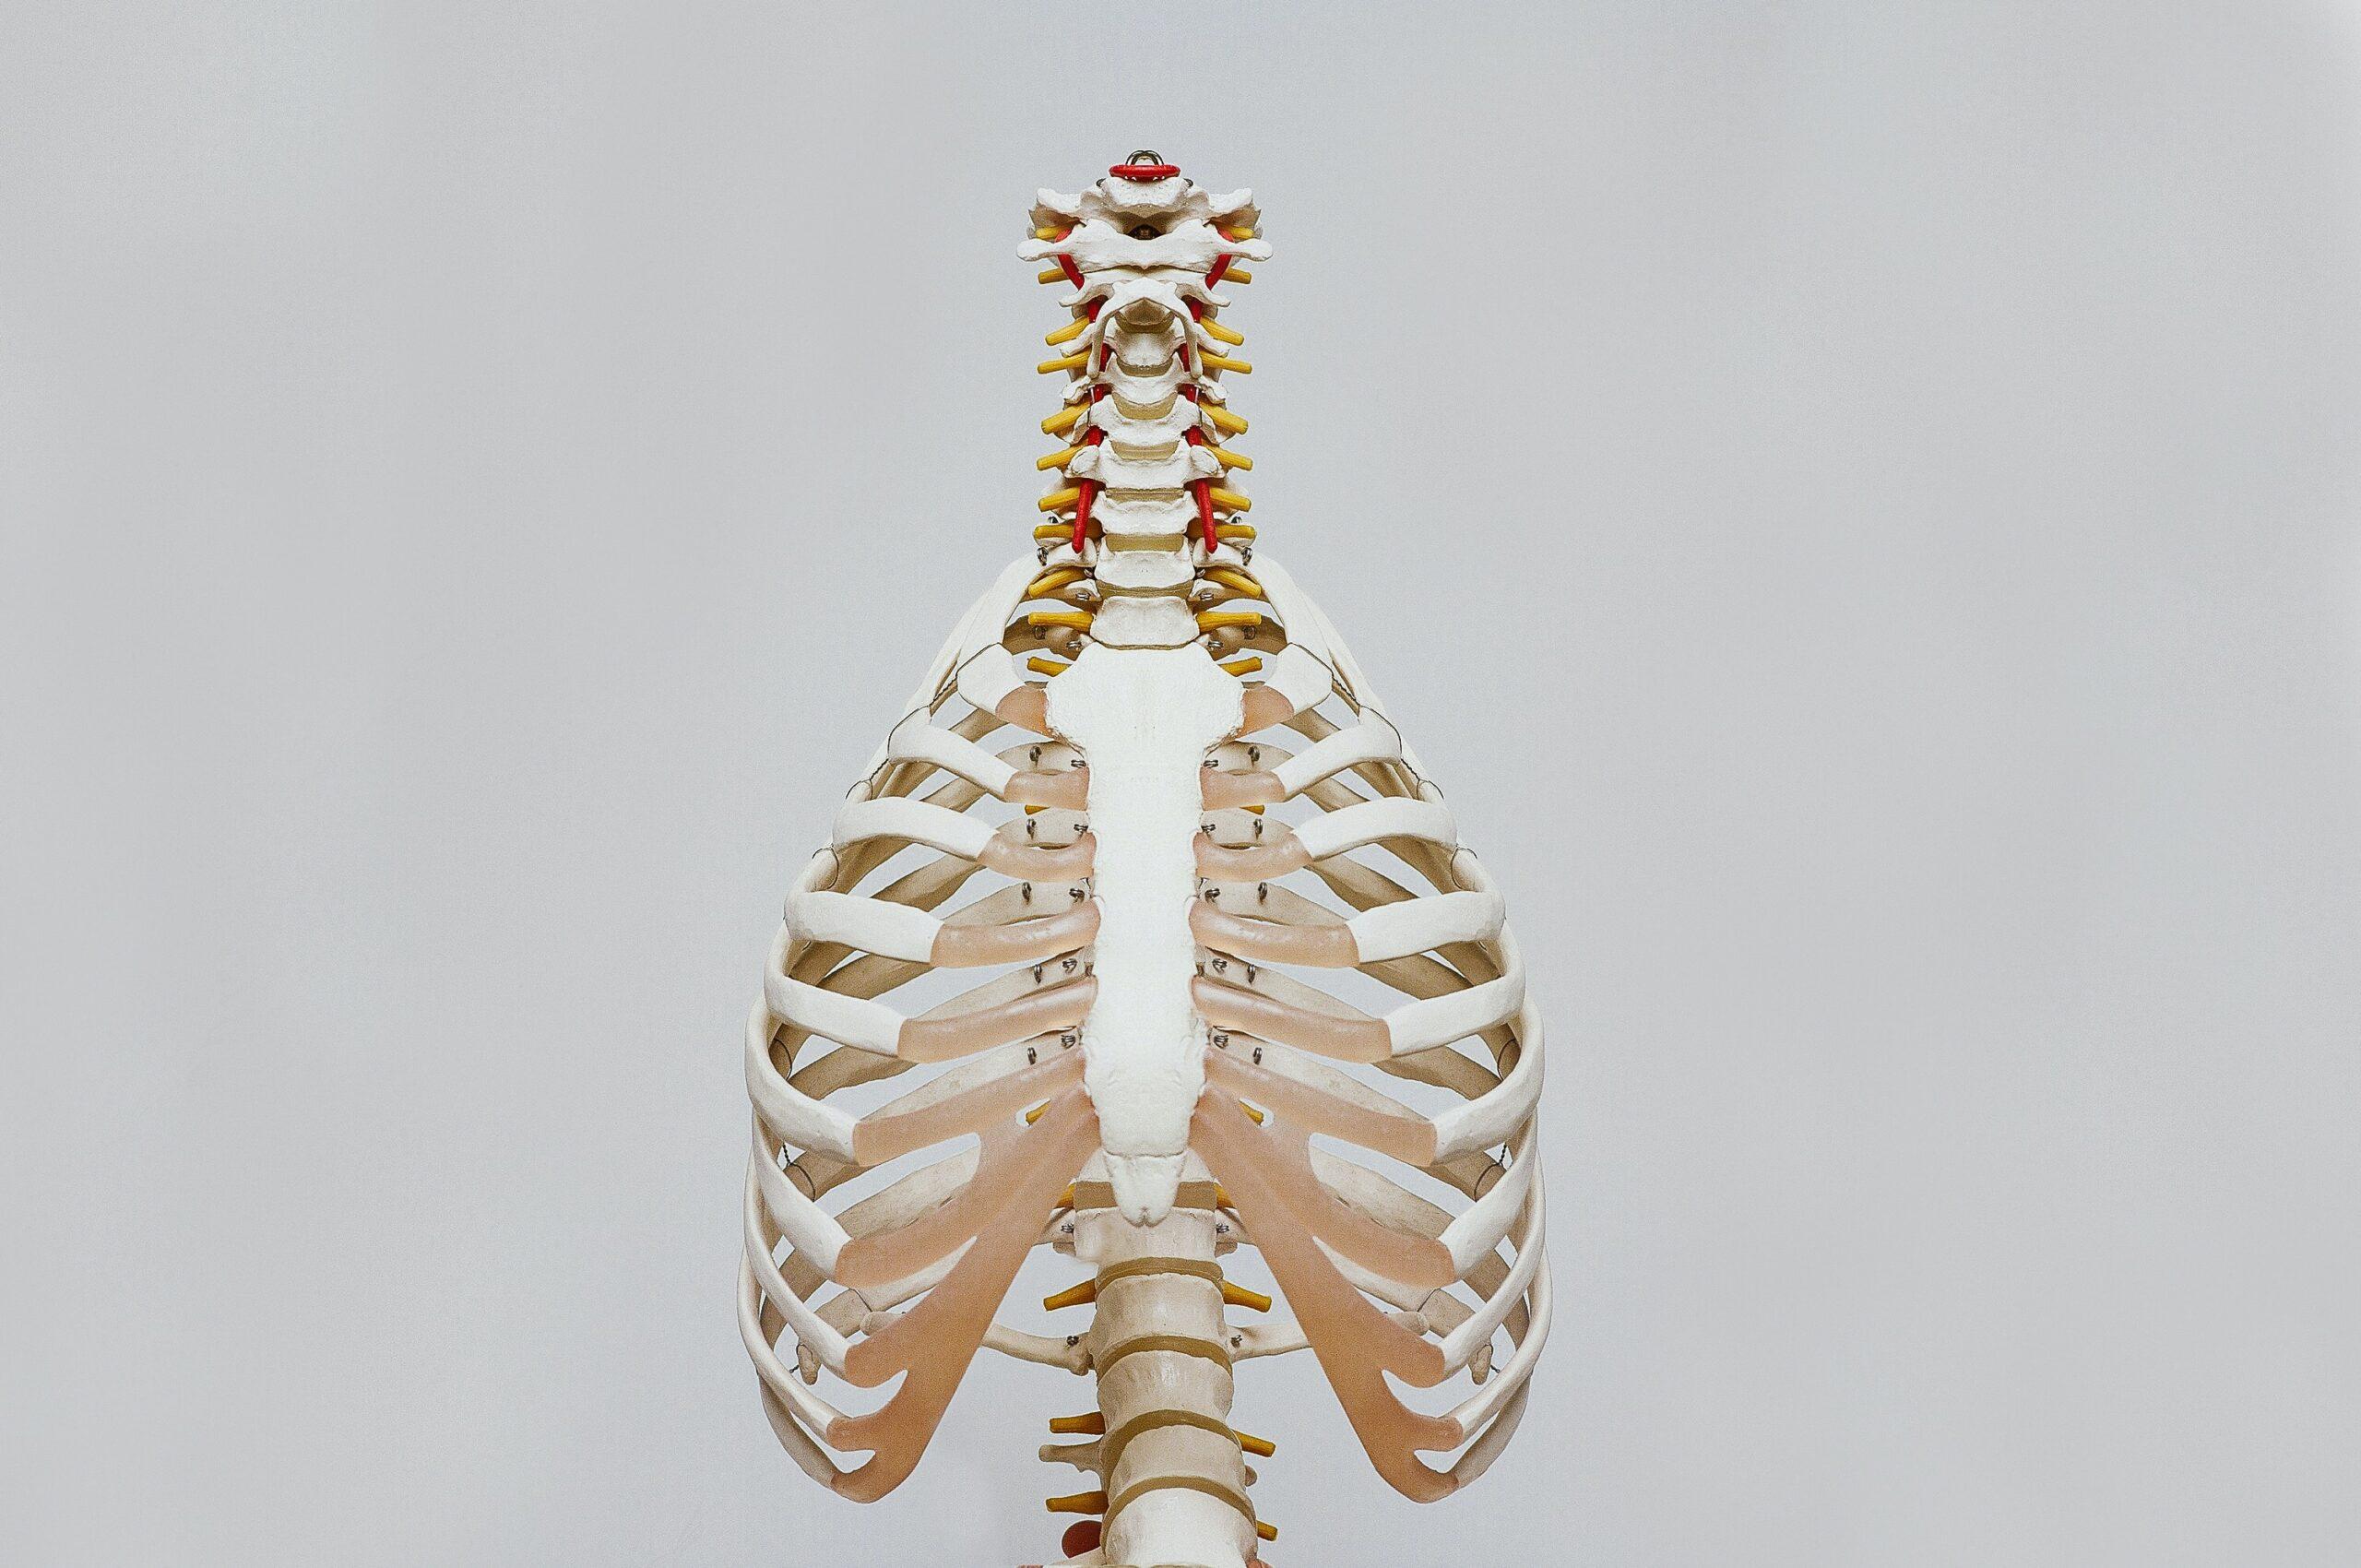 thorax skelet Sportmedisch Centrum Lebbeke longen klachten rug nek blokkade